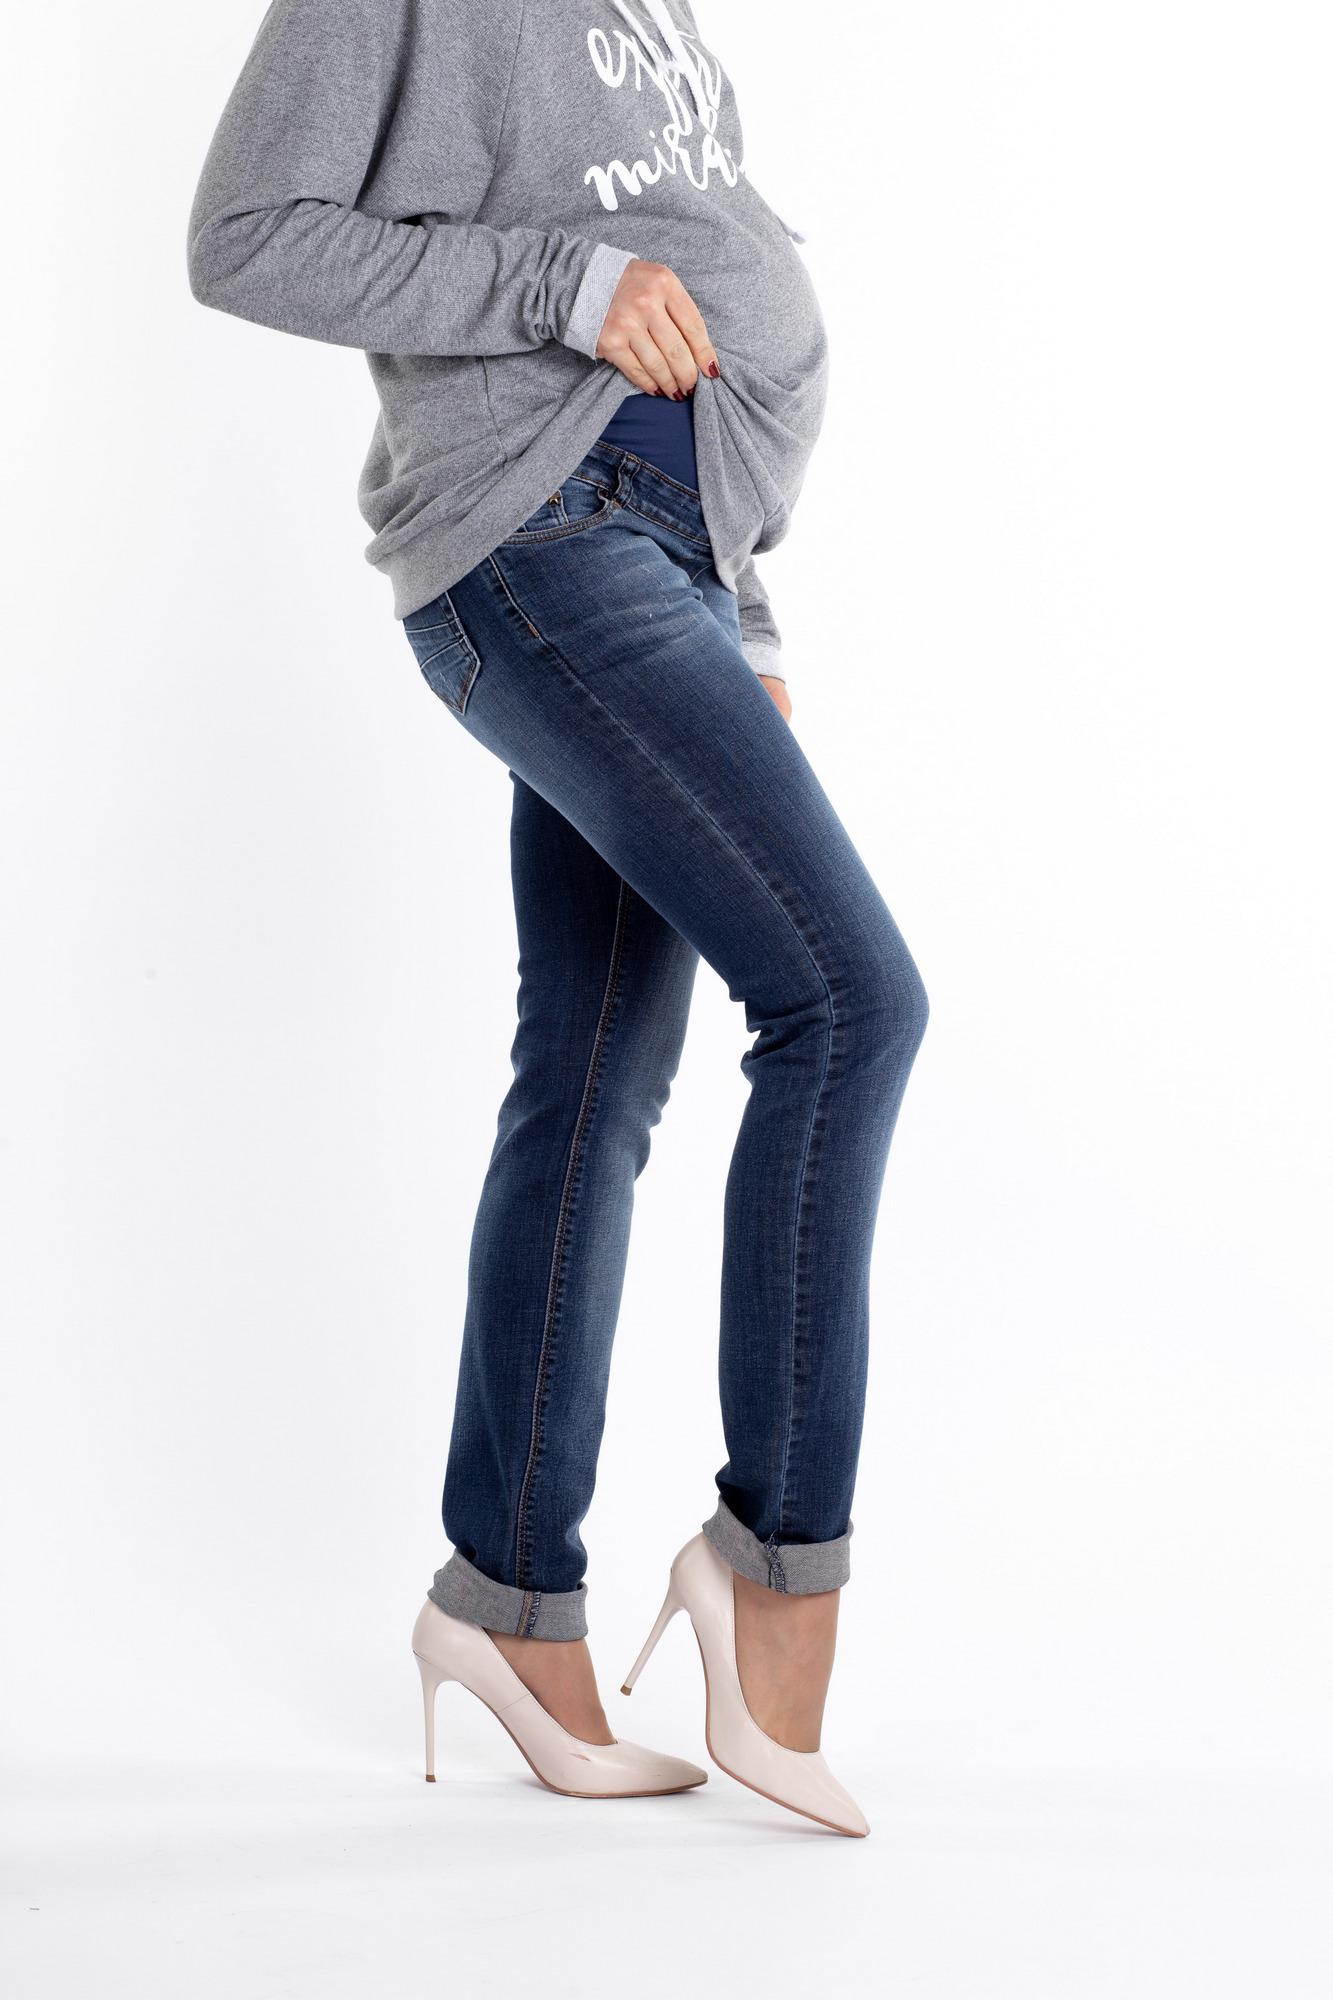 Фото джинсы для беременных MAMA`S FANTASY, зауженные, широкий бандаж от магазина СкороМама, синий, размеры.